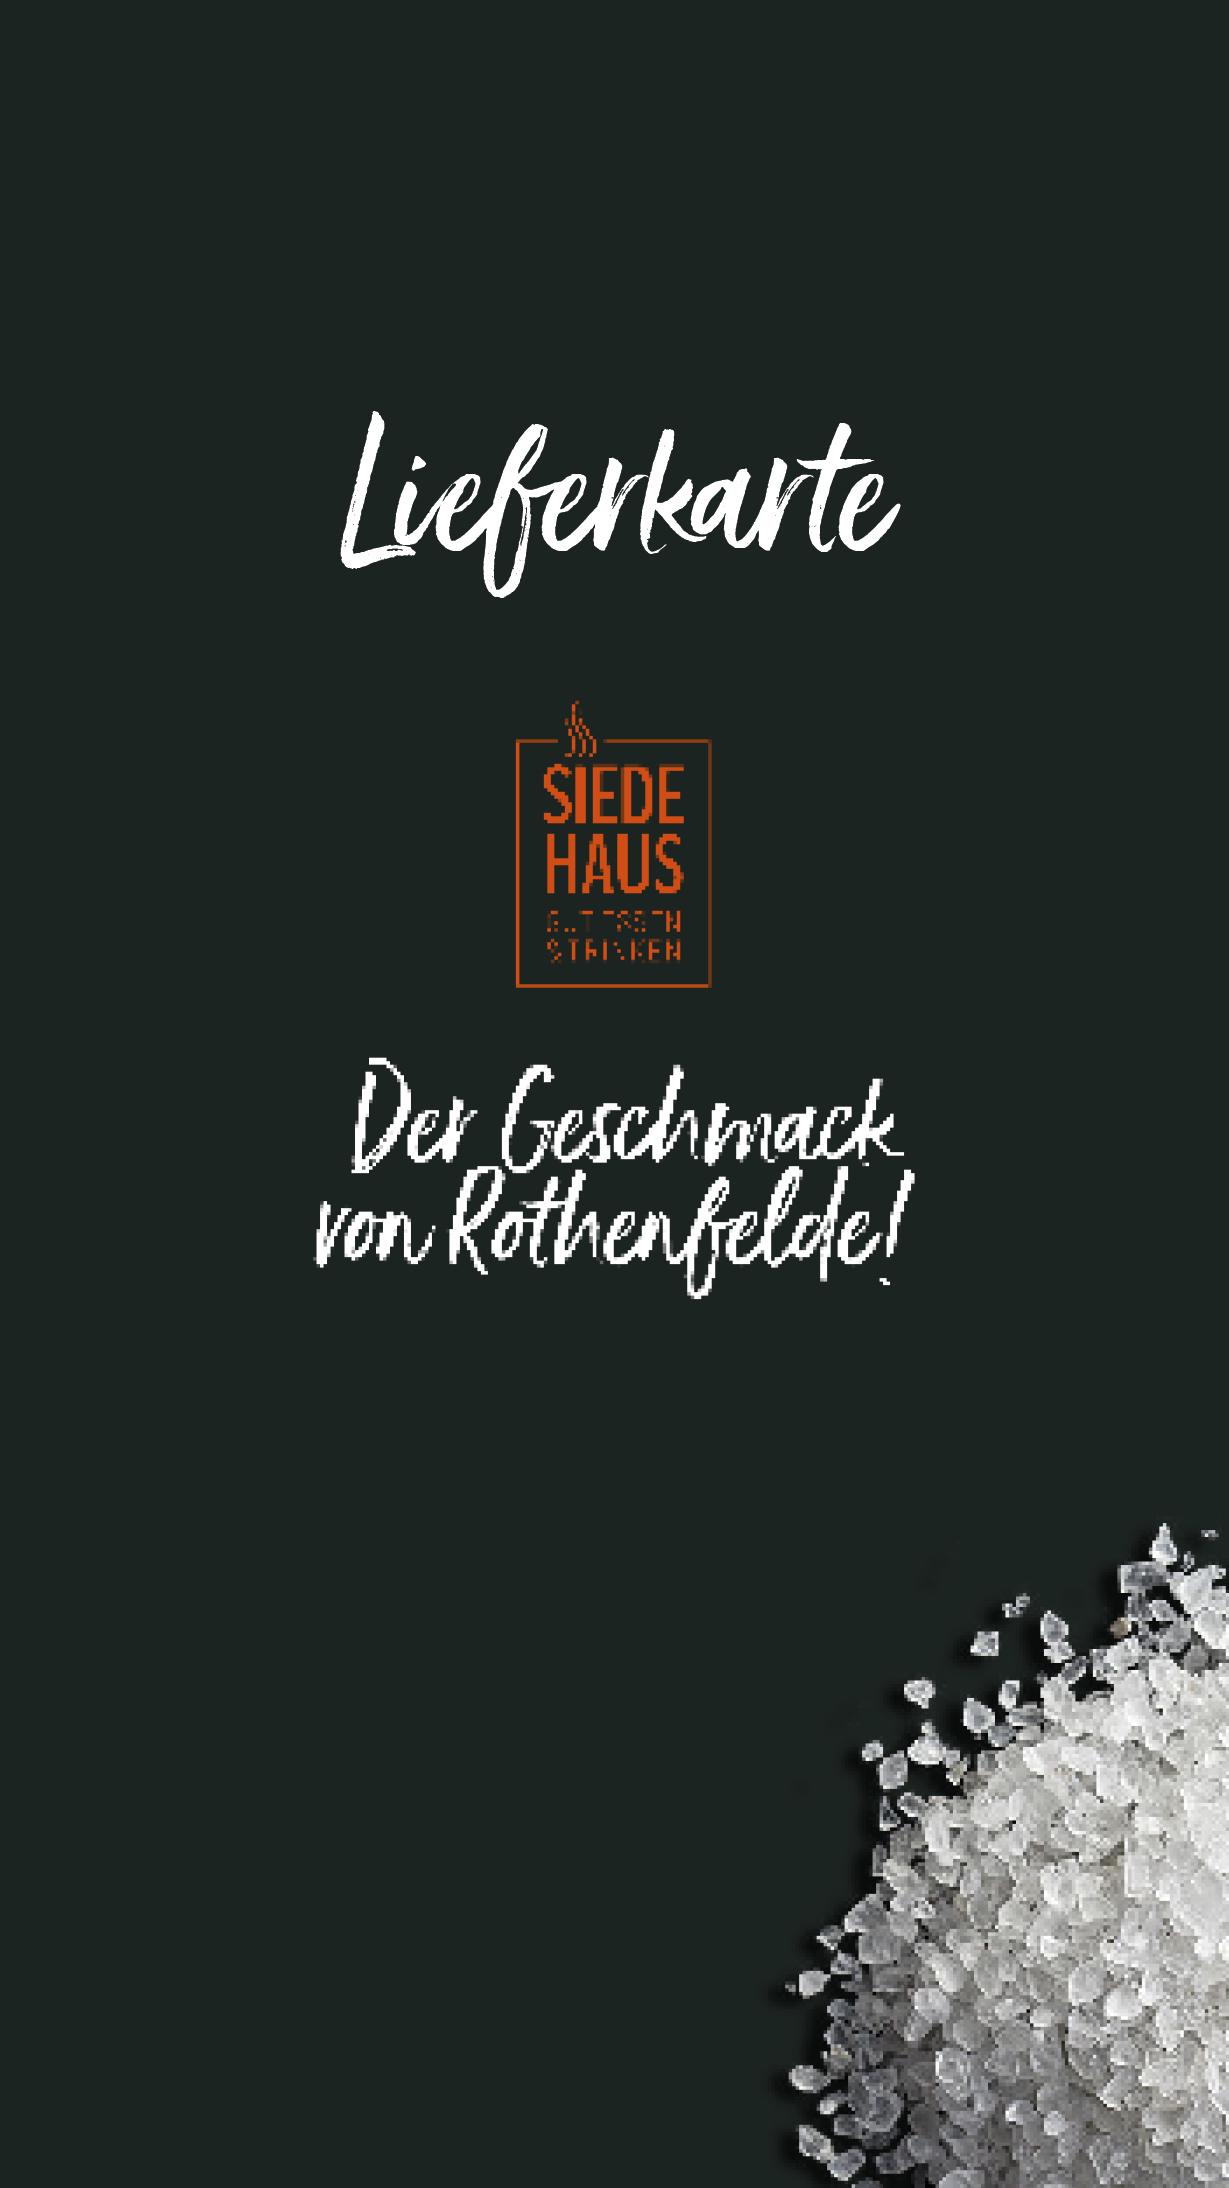 Siedehaus_Lieferkarte